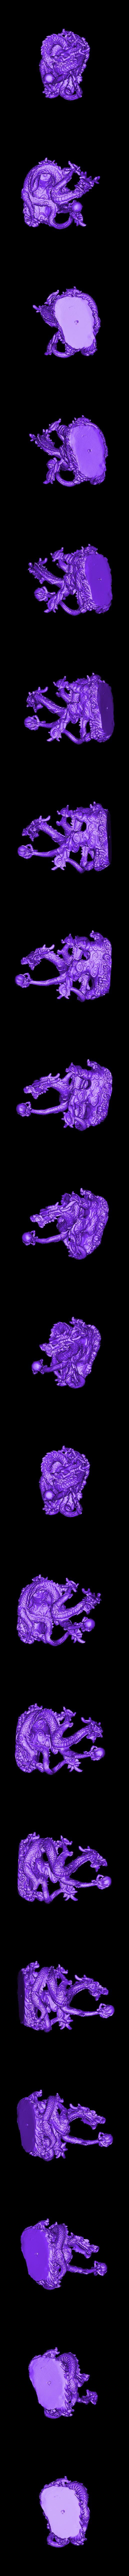 CHINA_DRAGON.stl Télécharger fichier STL gratuit Dragon chinois v3.2 • Modèle pour imprimante 3D, Boris3dStudio